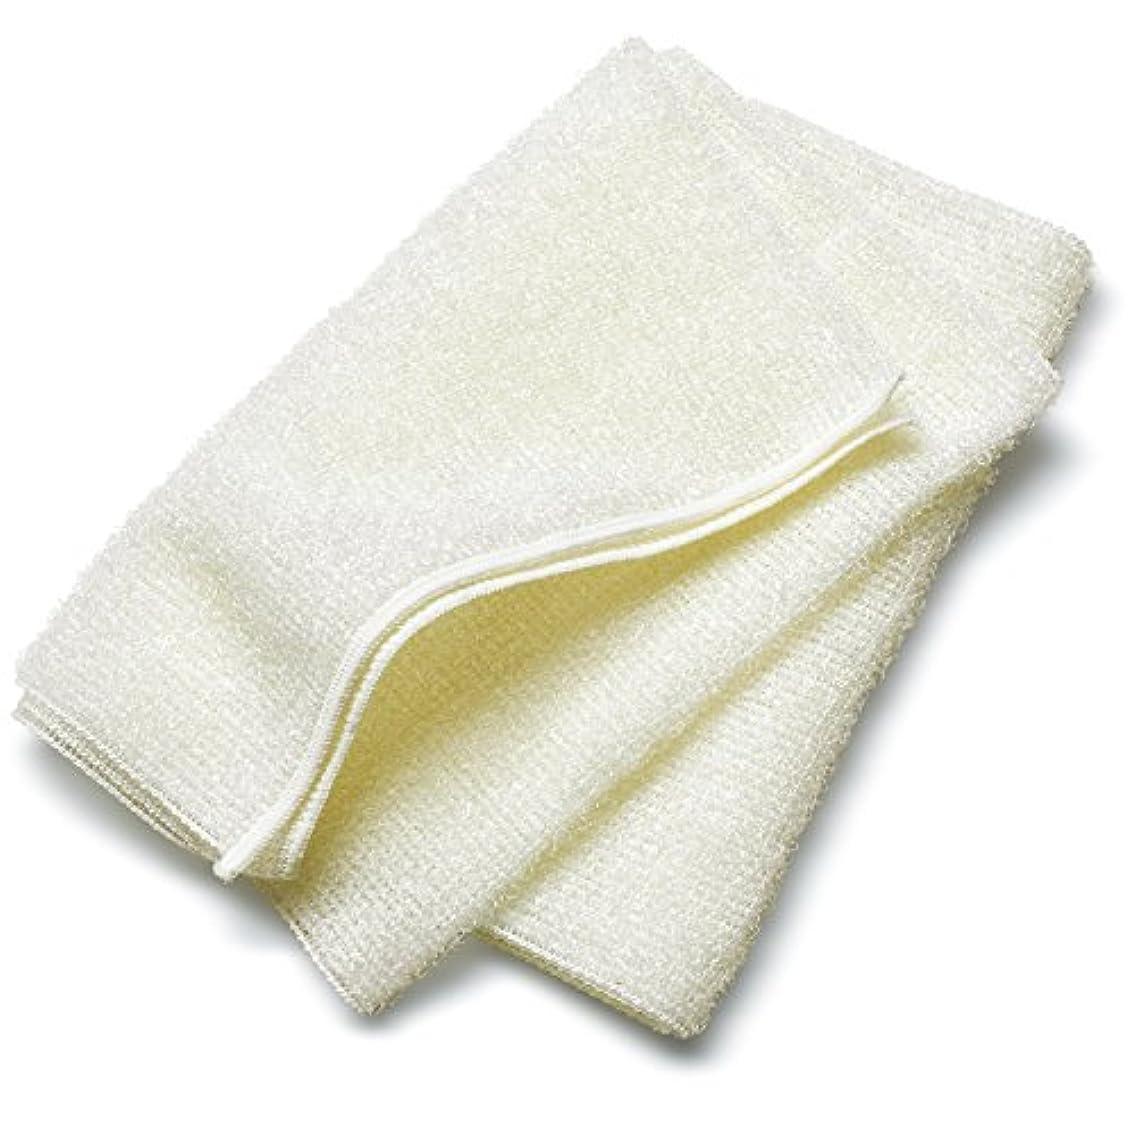 付き添い人洗う裂け目ブルーム なめらかホイップ ボディタオル (アイボリー) [M] とうもろこし繊維 弱酸性 泡立ちなめらか やわらかめ 日本製